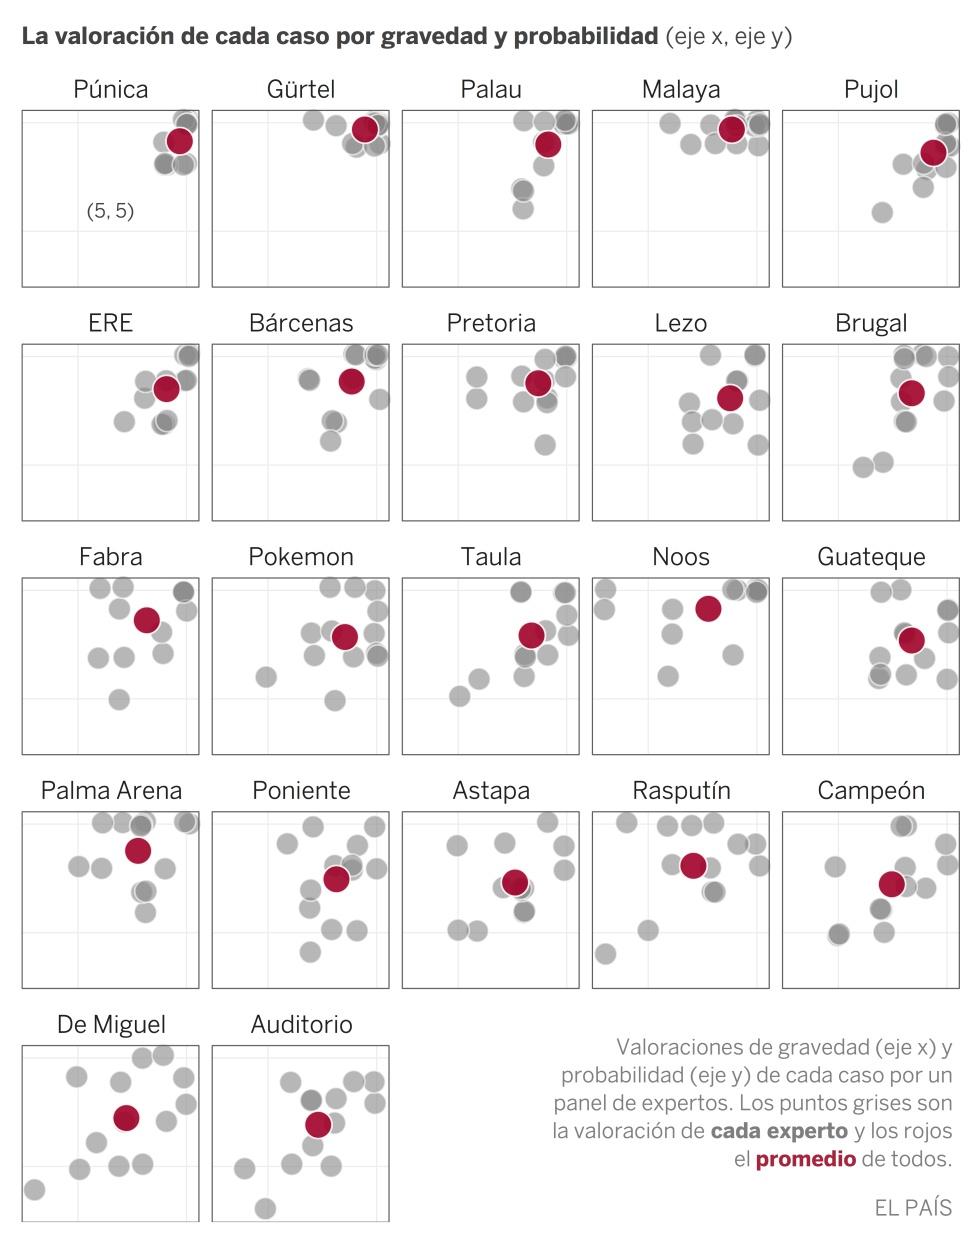 Cuáles son los casos de corrupción más graves de España